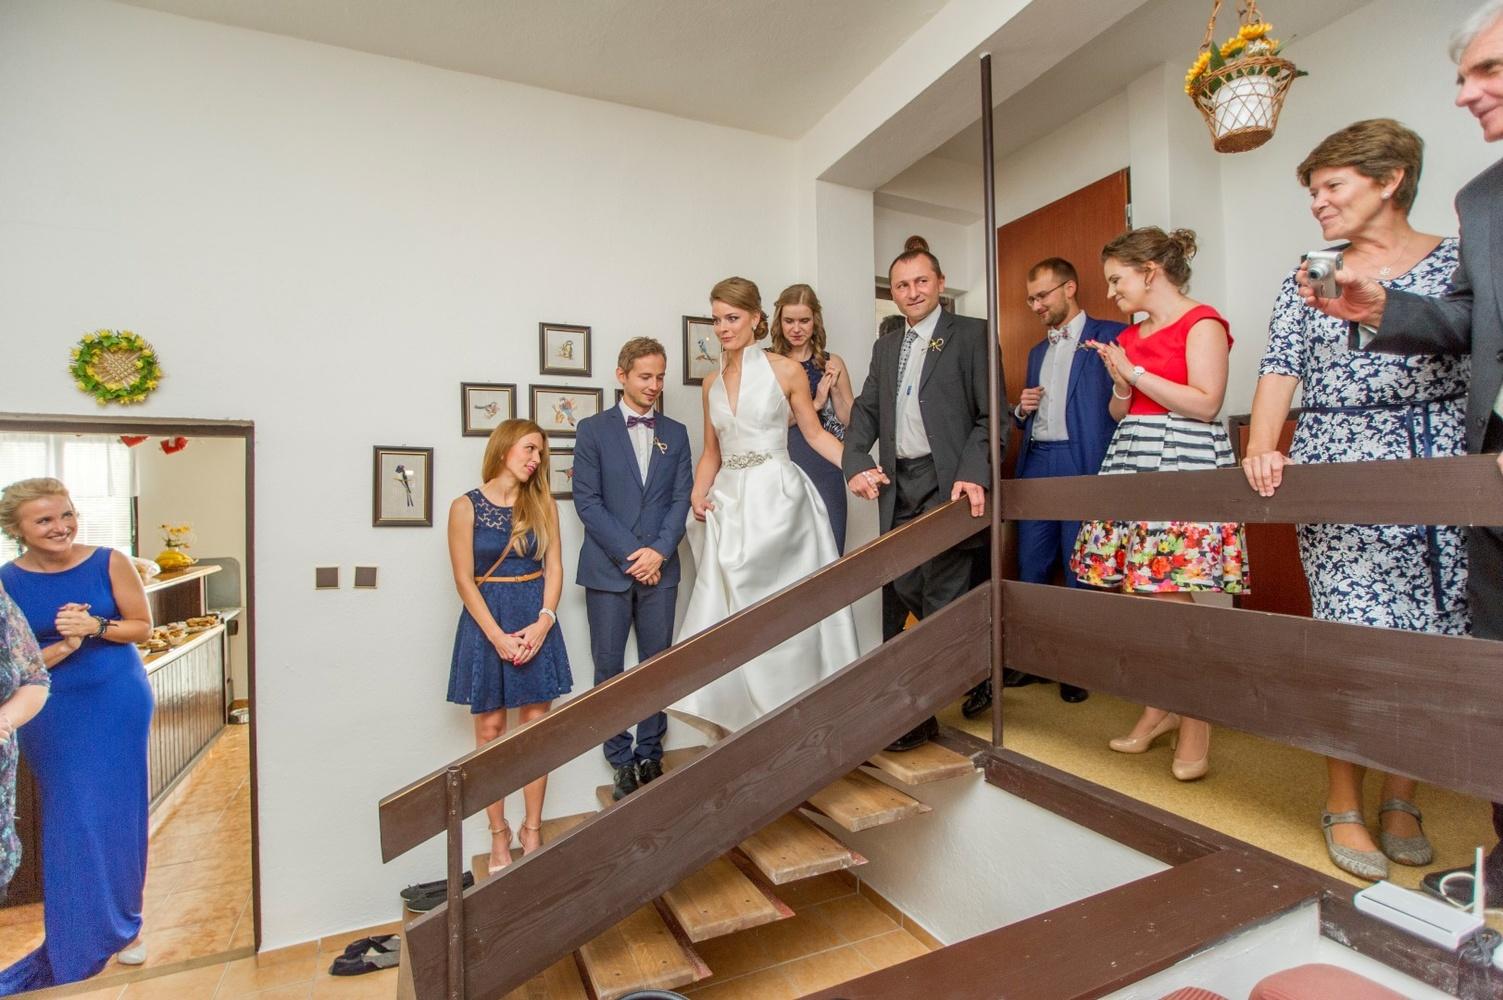 http://www.fotoz.sk/images/gallery-8/normal/eskuvoi-fotos_svadobny-fotograf_398.jpg